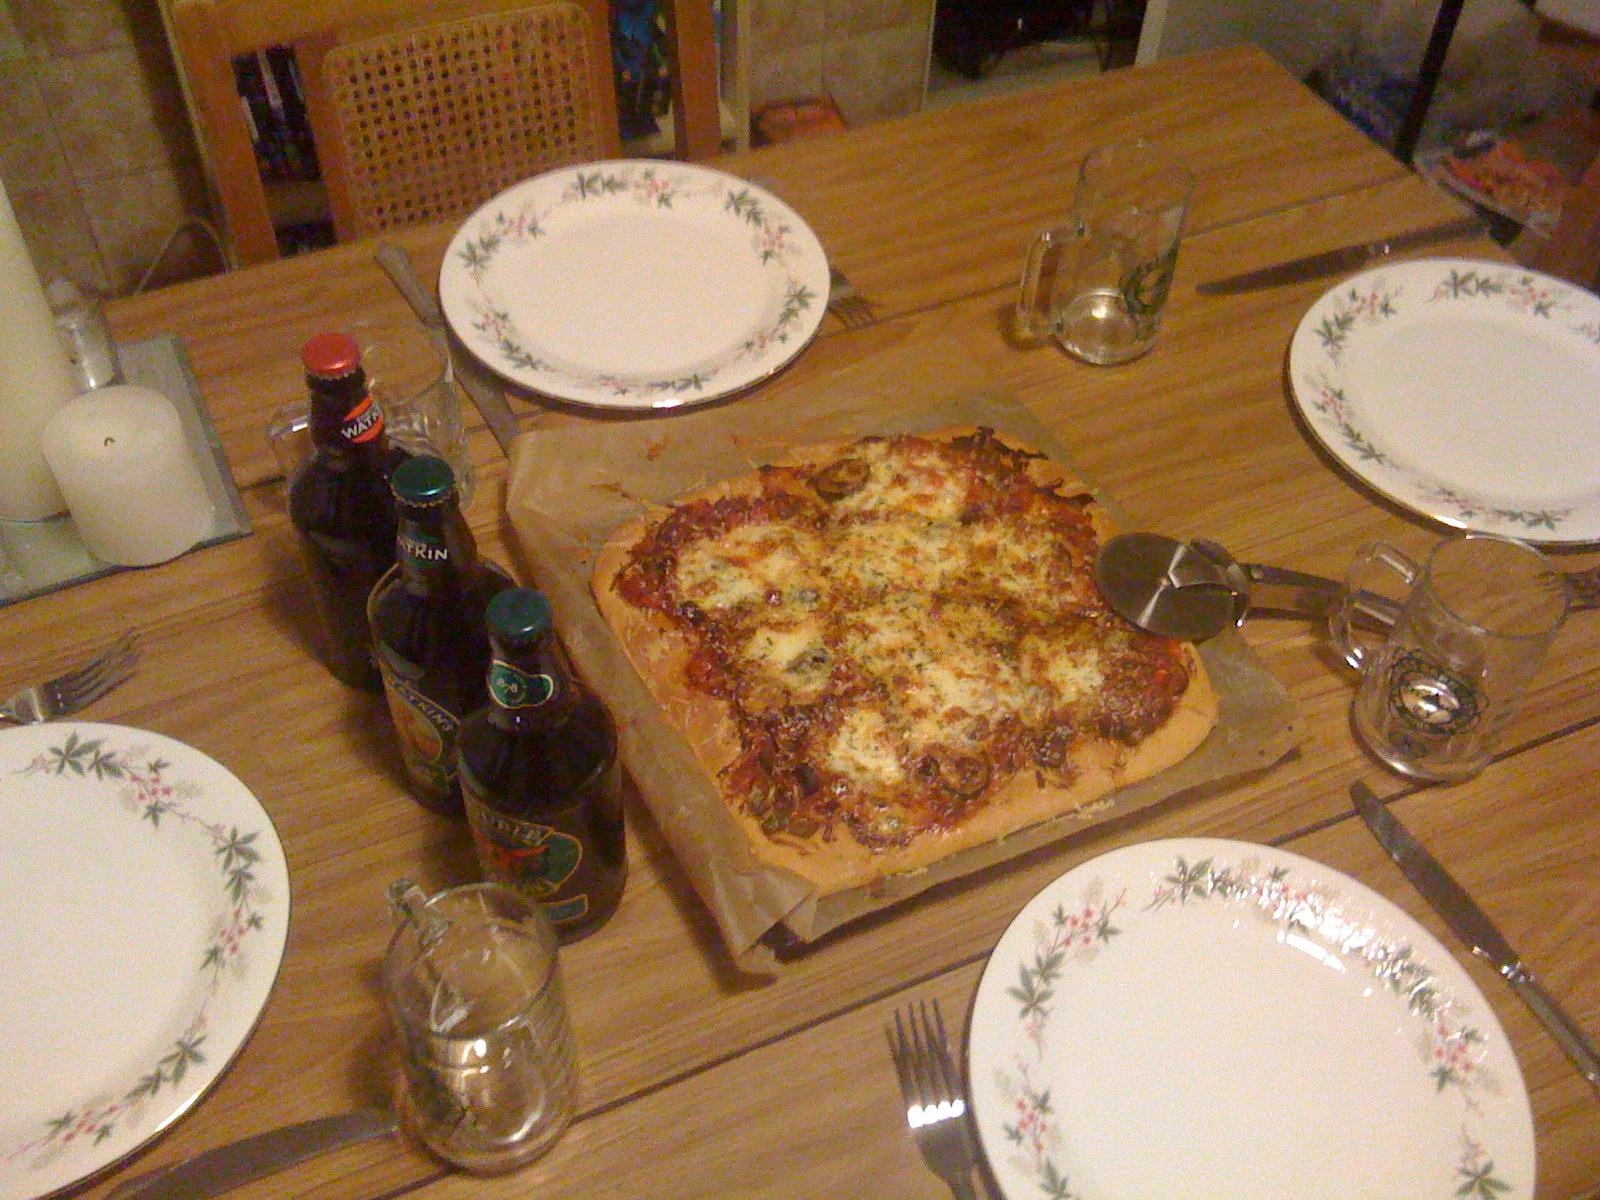 CorePizza 2.0